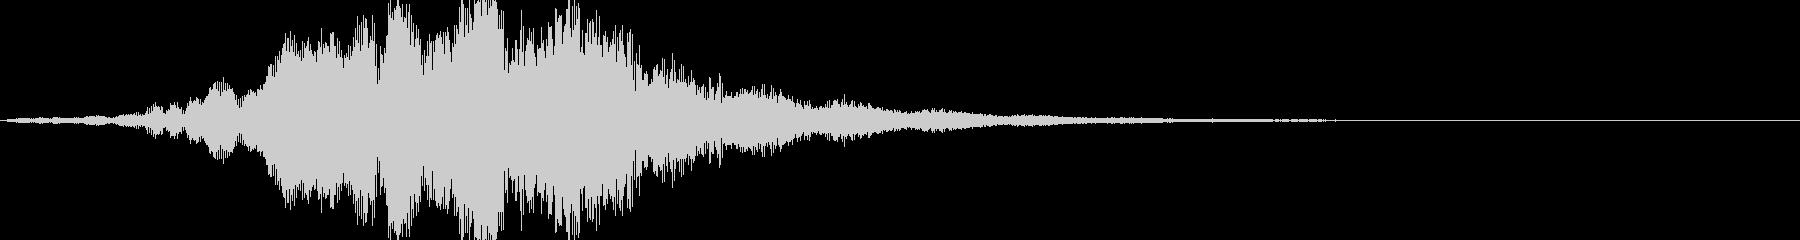 不思議な音02の未再生の波形